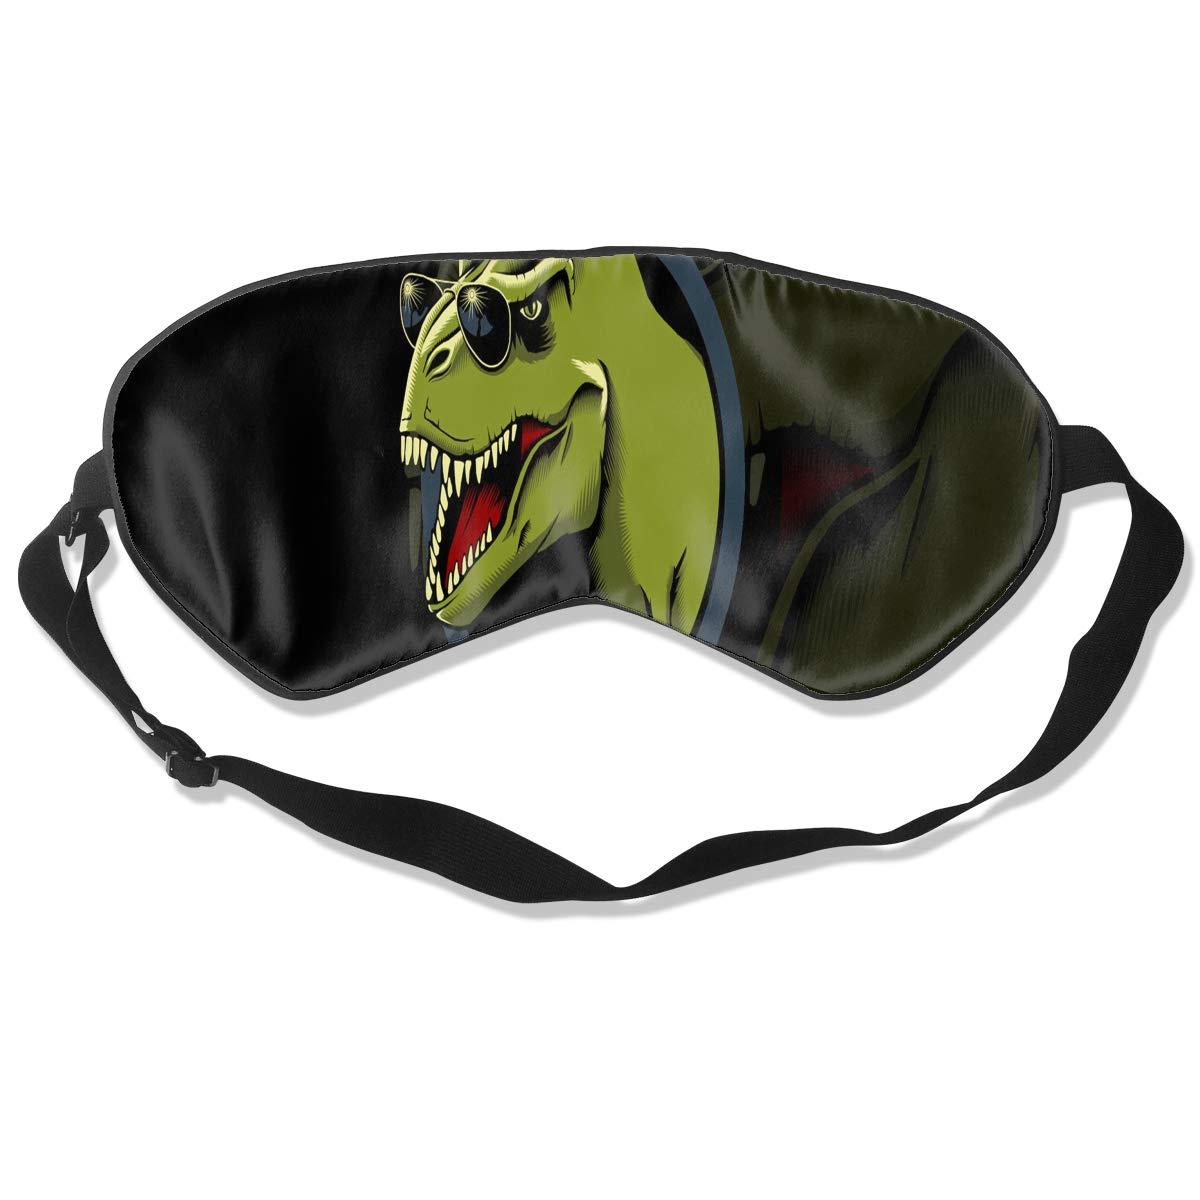 Custom Sleeping Mask Funny Dinosaur Adjustable Breathable Sleep Mask/Sleeping Eyes Mask/Sleep Eyes Mask/Eyeshade/Blindfold